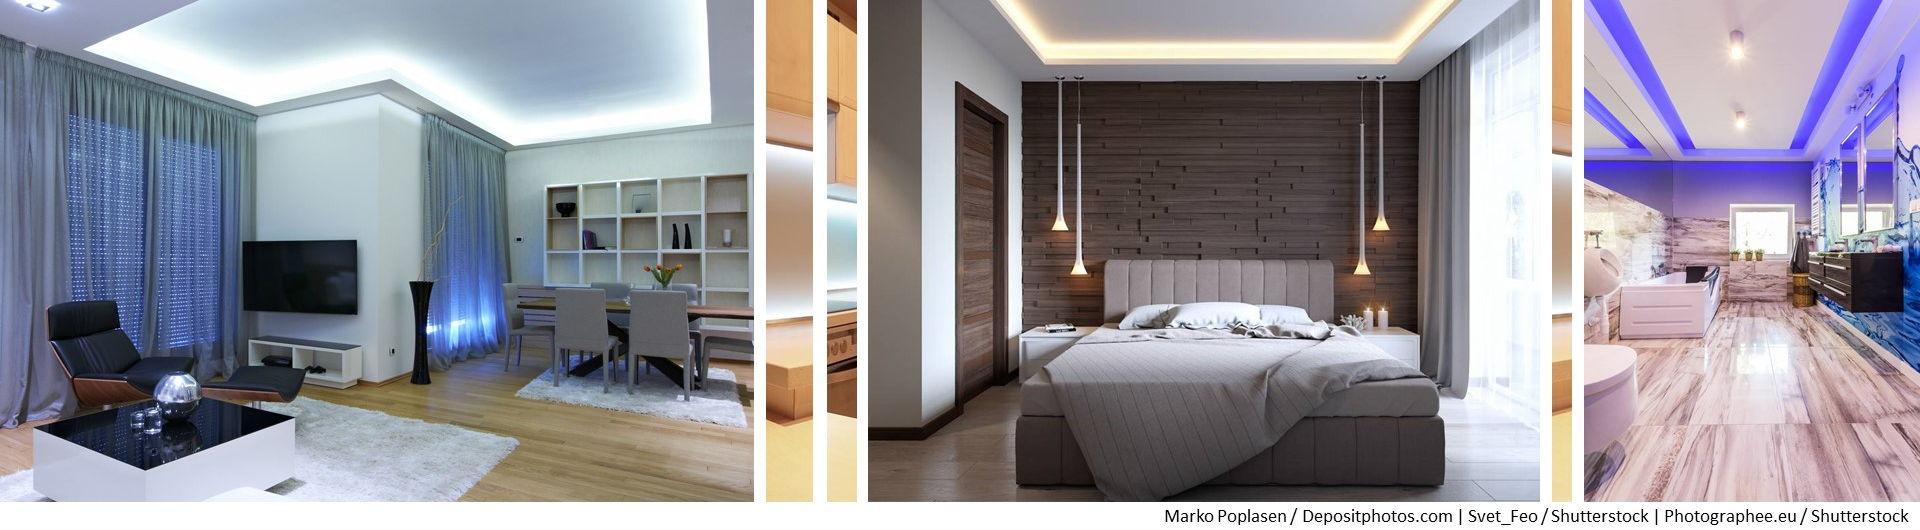 3 Beispielbilder für indirekte Beleuchtung in Wohnzimmer, Bad & Schlafzimmer